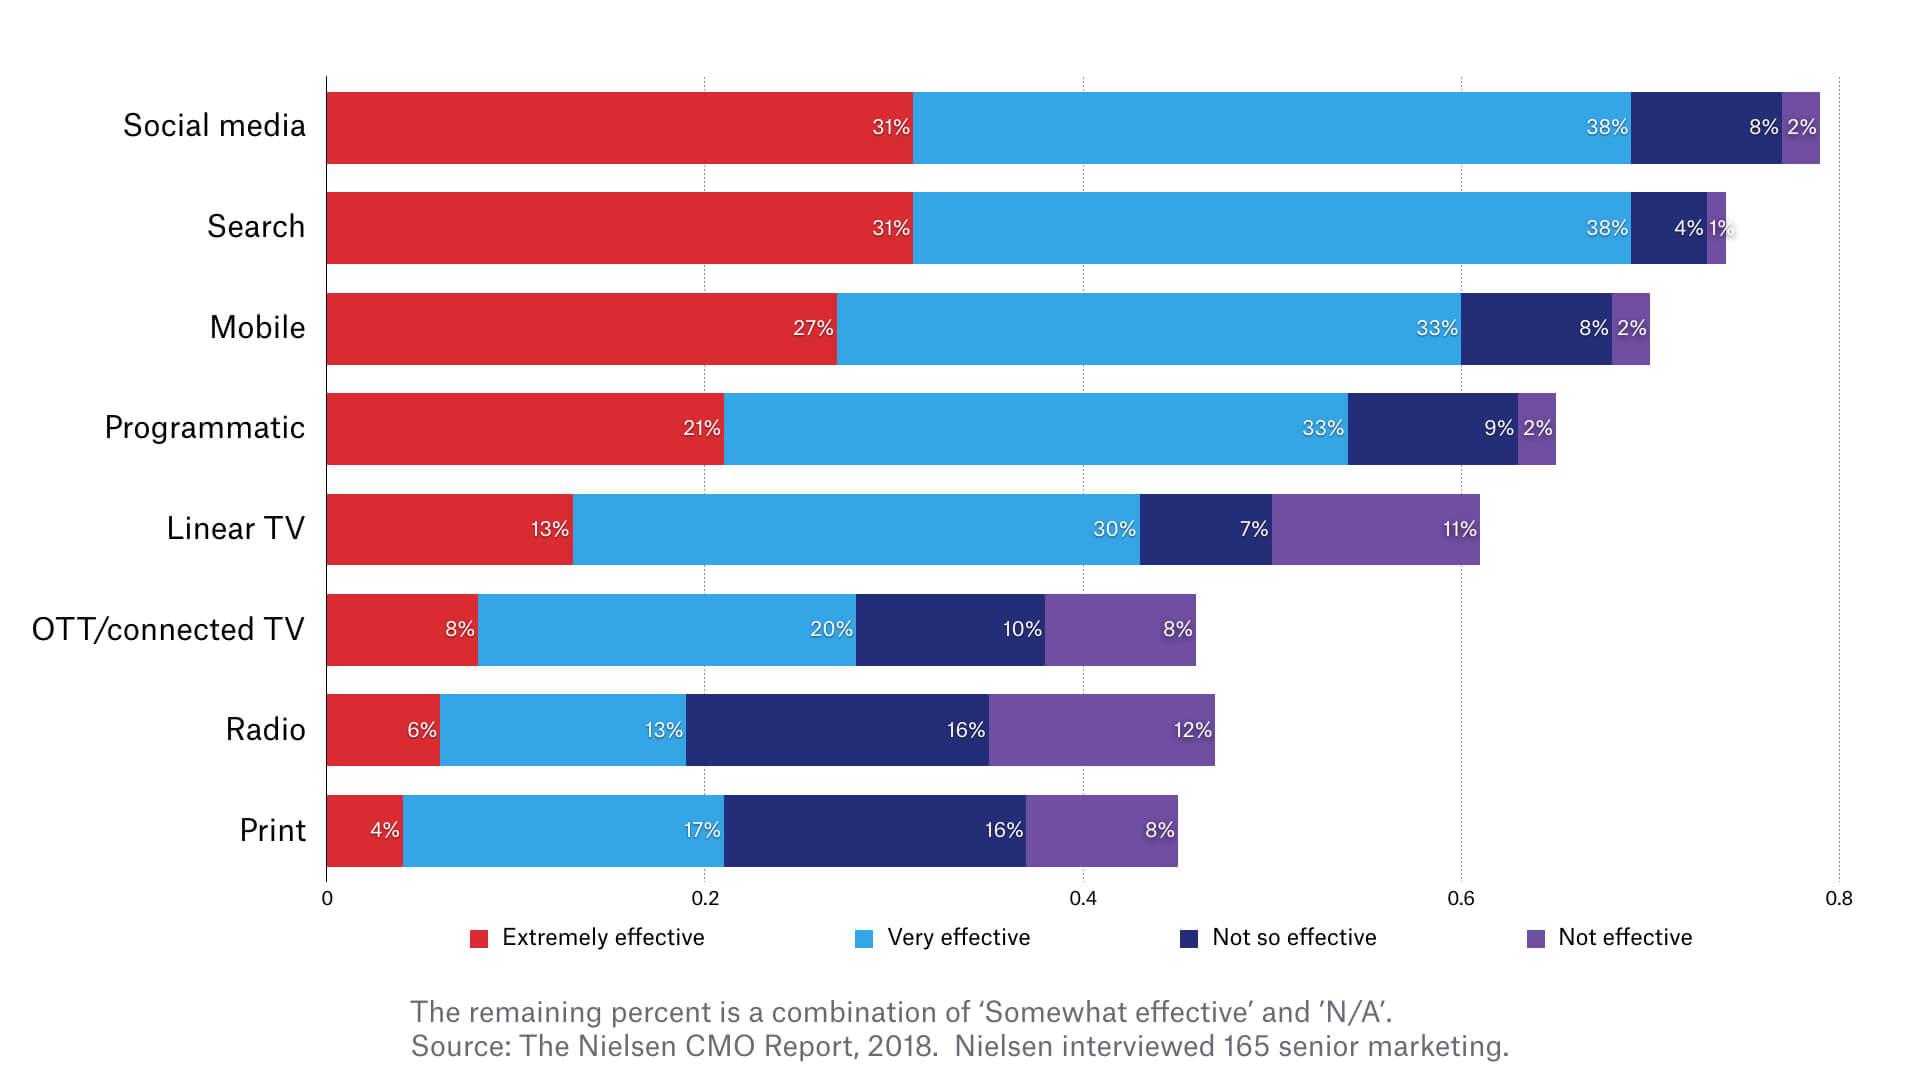 Una imagen que muestra los resultados de la encuesta CMO 2018 de Nielsen sobre la efectividad de diferentes canales según los especialistas en marketing.